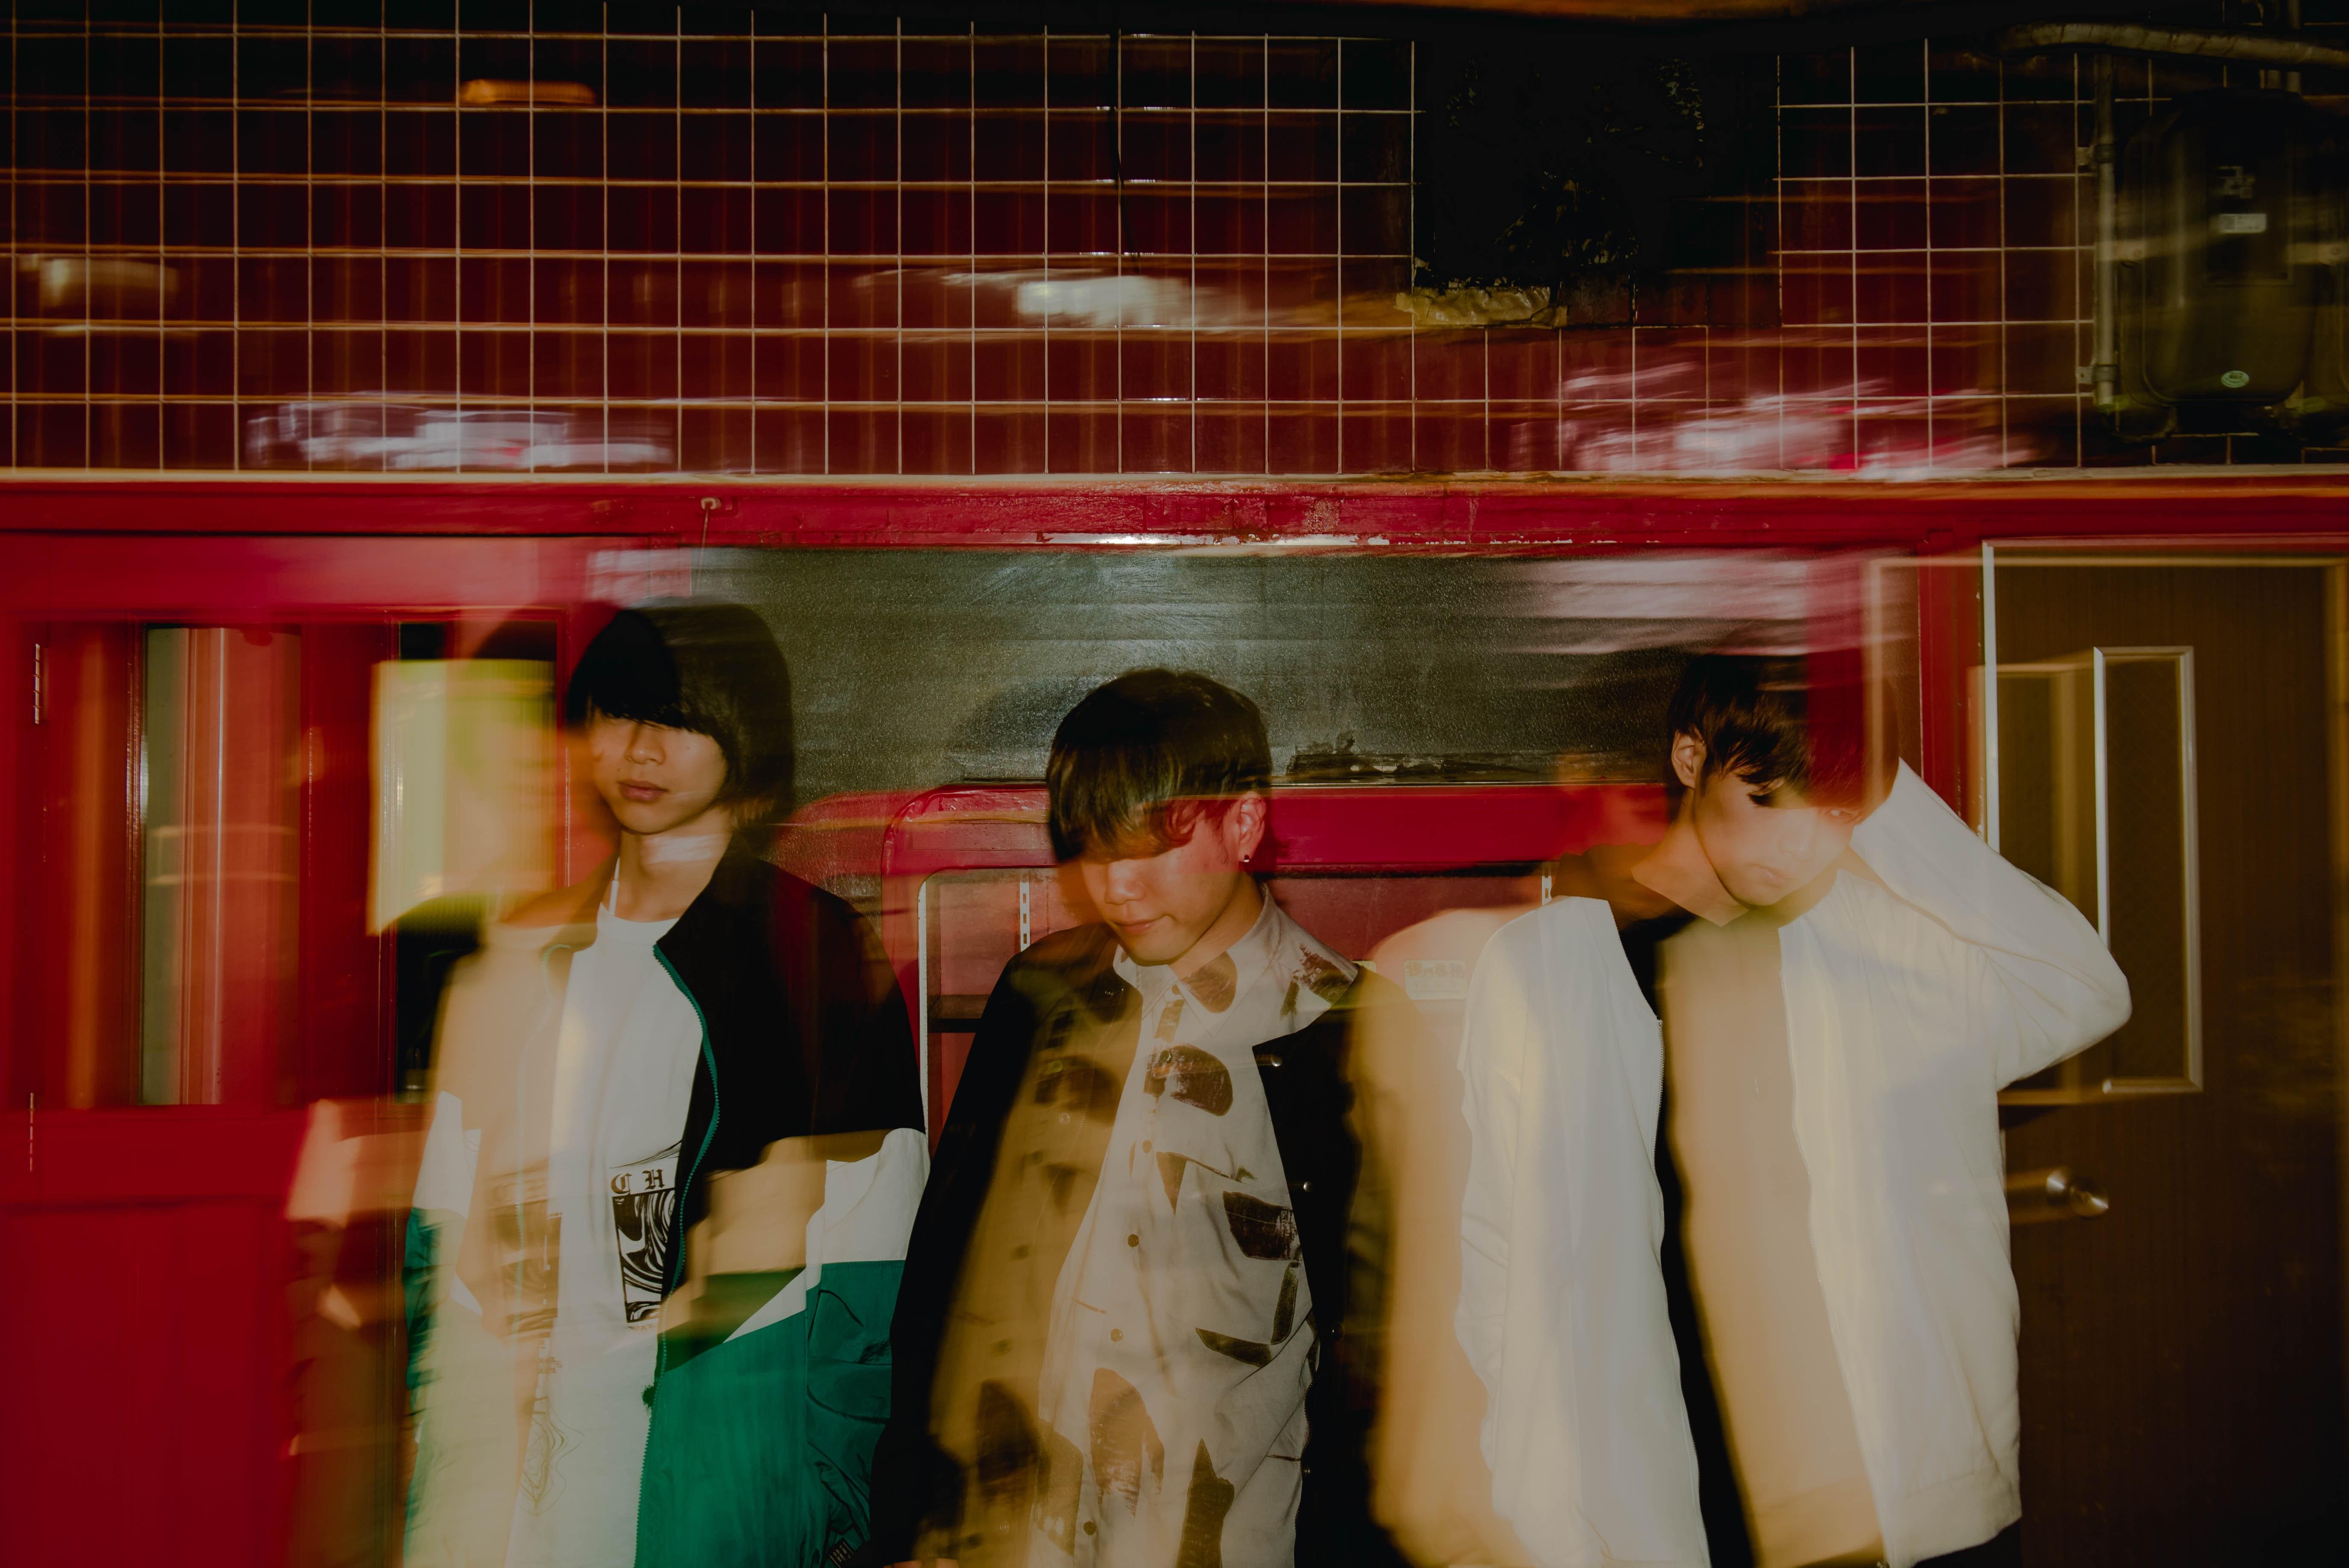 【注目の学生アーティスト】ハイトーンボイスが魅力! バンド・Mez-zo-forute、「COUNTDOWN JAPAN19/20」出演決定